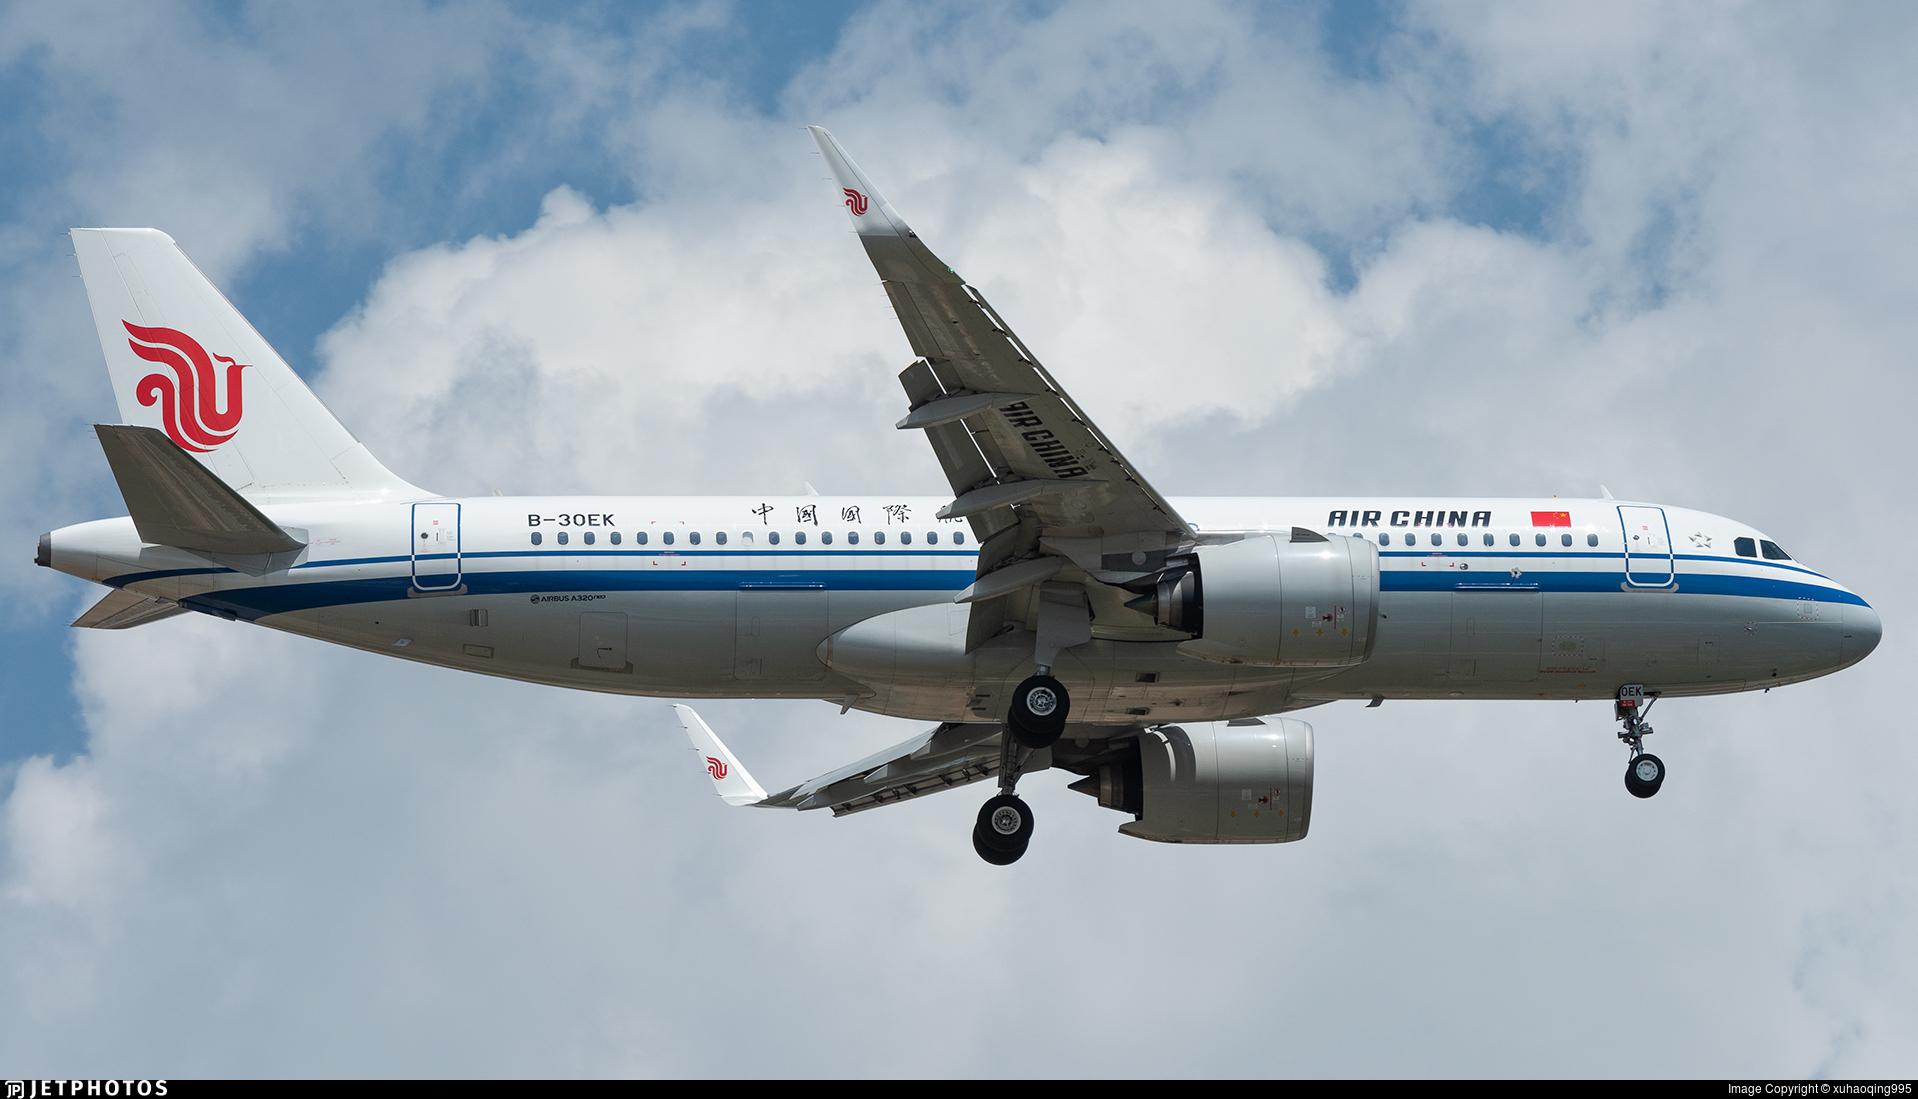 B-30EK - Airbus A320-271N - Air China